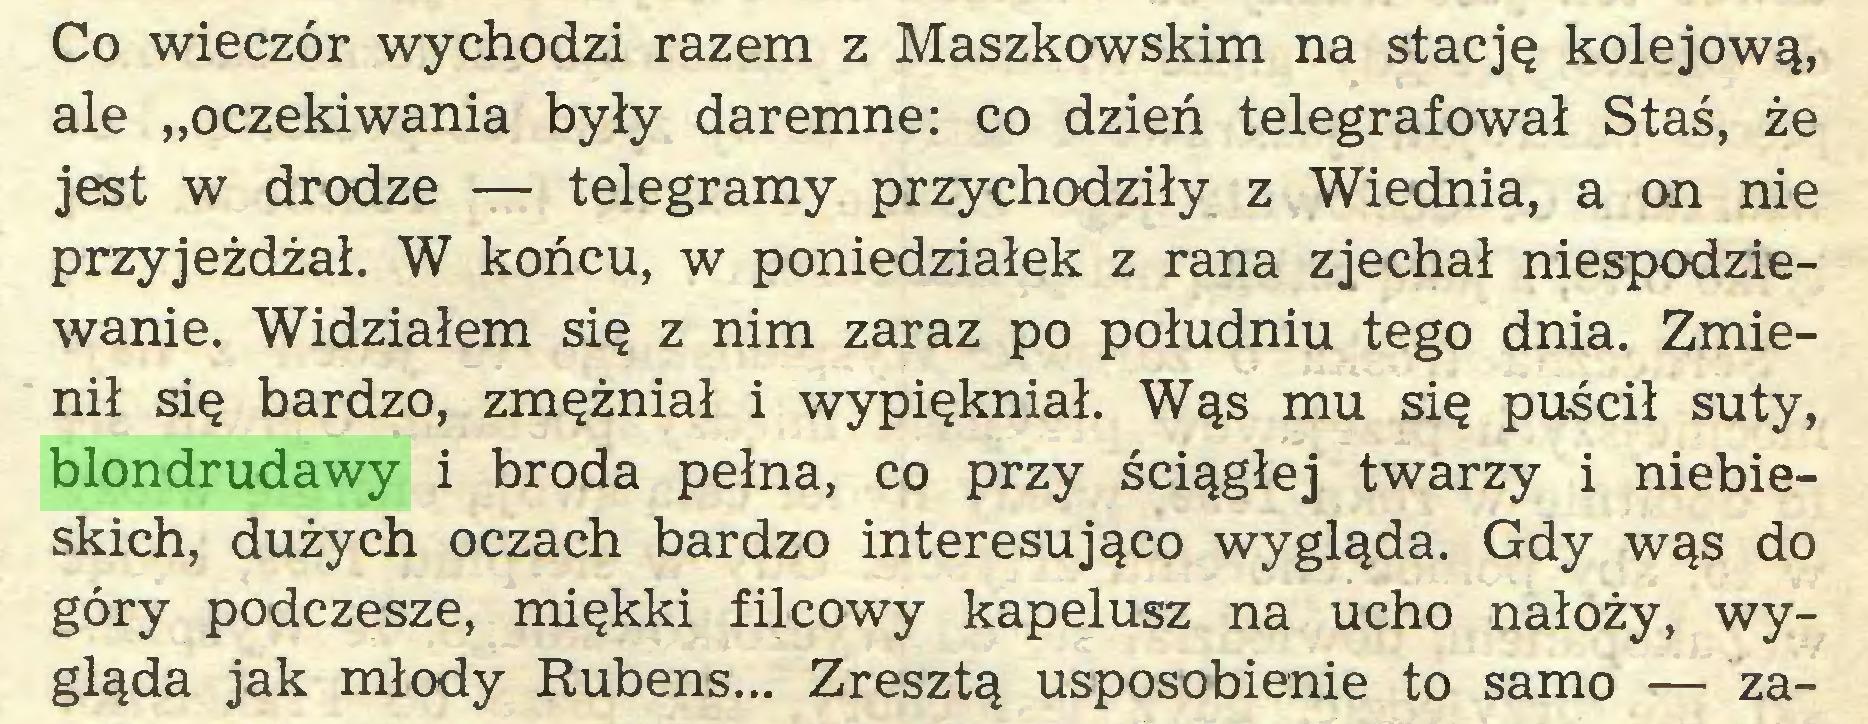 """(...) Co wieczór wychodzi razem z Maszkowskim na stację kolejową, ale """"oczekiwania były daremne: co dzień telegrafował Staś, że jest w drodze — telegramy przychodziły z Wiednia, a on nie przyjeżdżał. W końcu, w poniedziałek z rana zjechał niespodziewanie. Widziałem się z nim zaraz po południu tego dnia. Zmienił się bardzo, zmężniał i wypiękniał. Wąs mu się puścił suty, blondrudawy i broda pełna, co przy ściągłej twarzy i niebieskich, dużych oczach bardzo interesująco wygląda. Gdy wąs do góry podczesze, miękki filcowy kapelusz na ucho nałoży, wygląda jak młody Rubens... Zresztą usposobienie to samo — za..."""